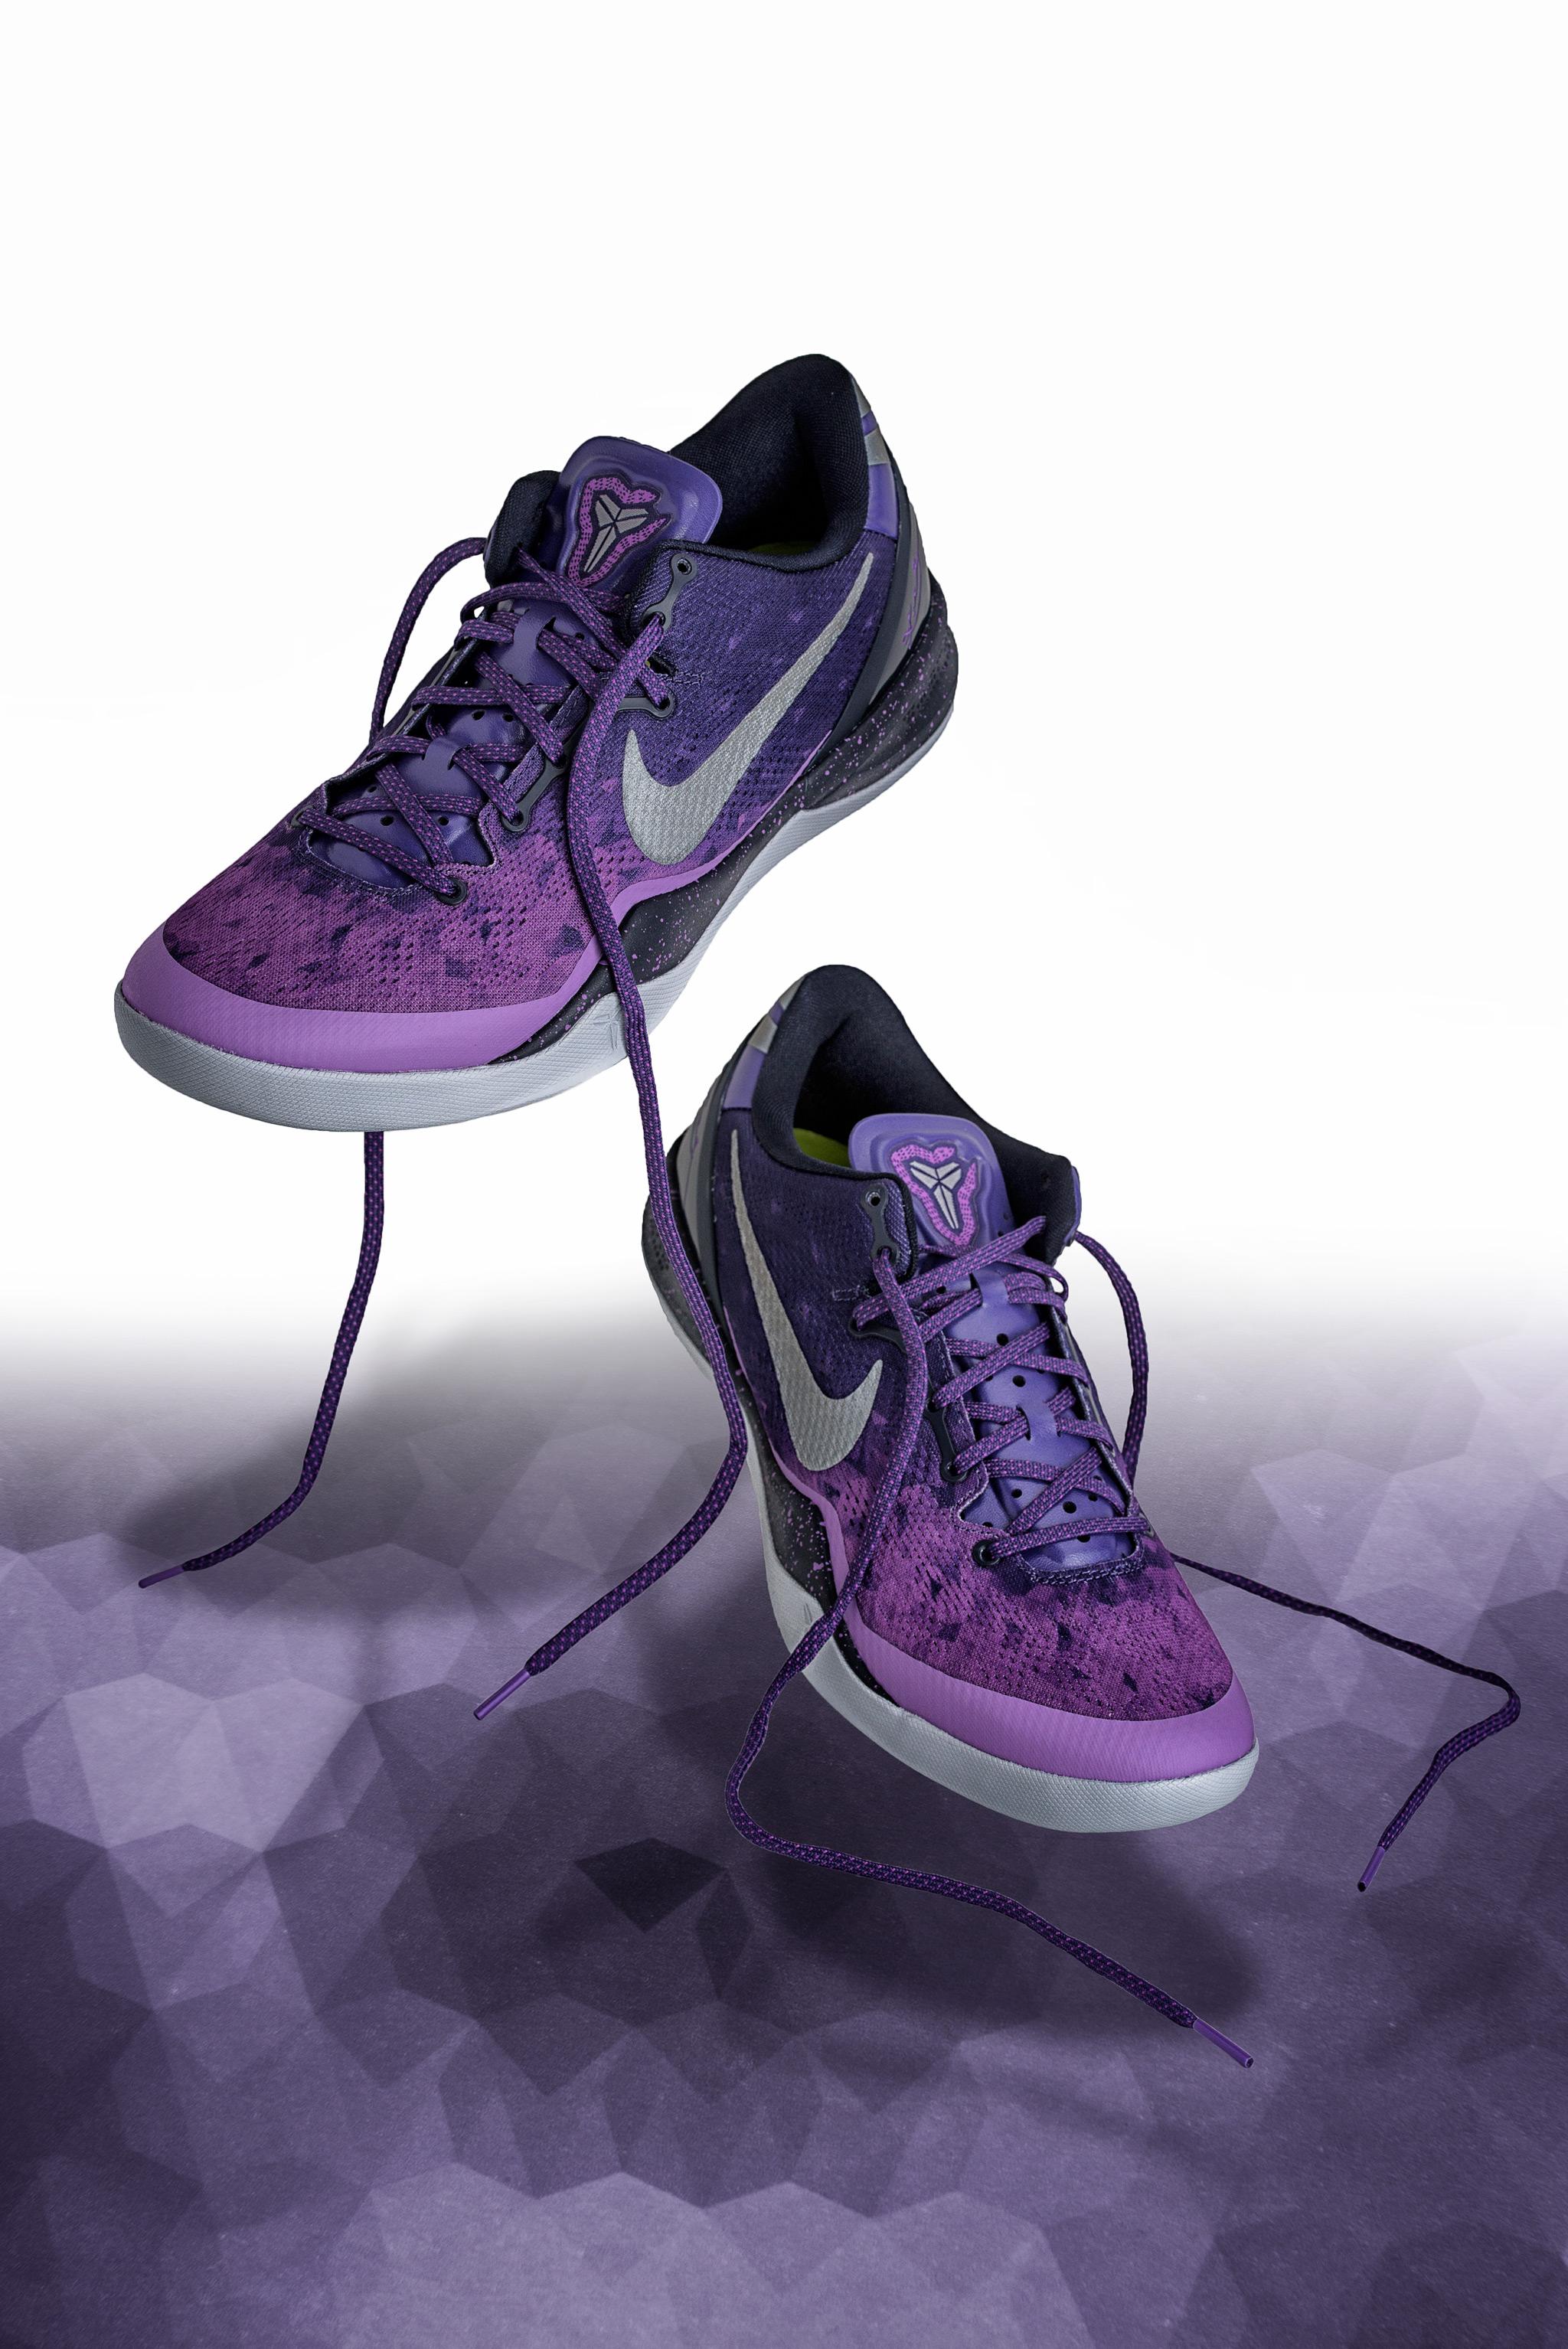 Kobe-8-purple web.jpg